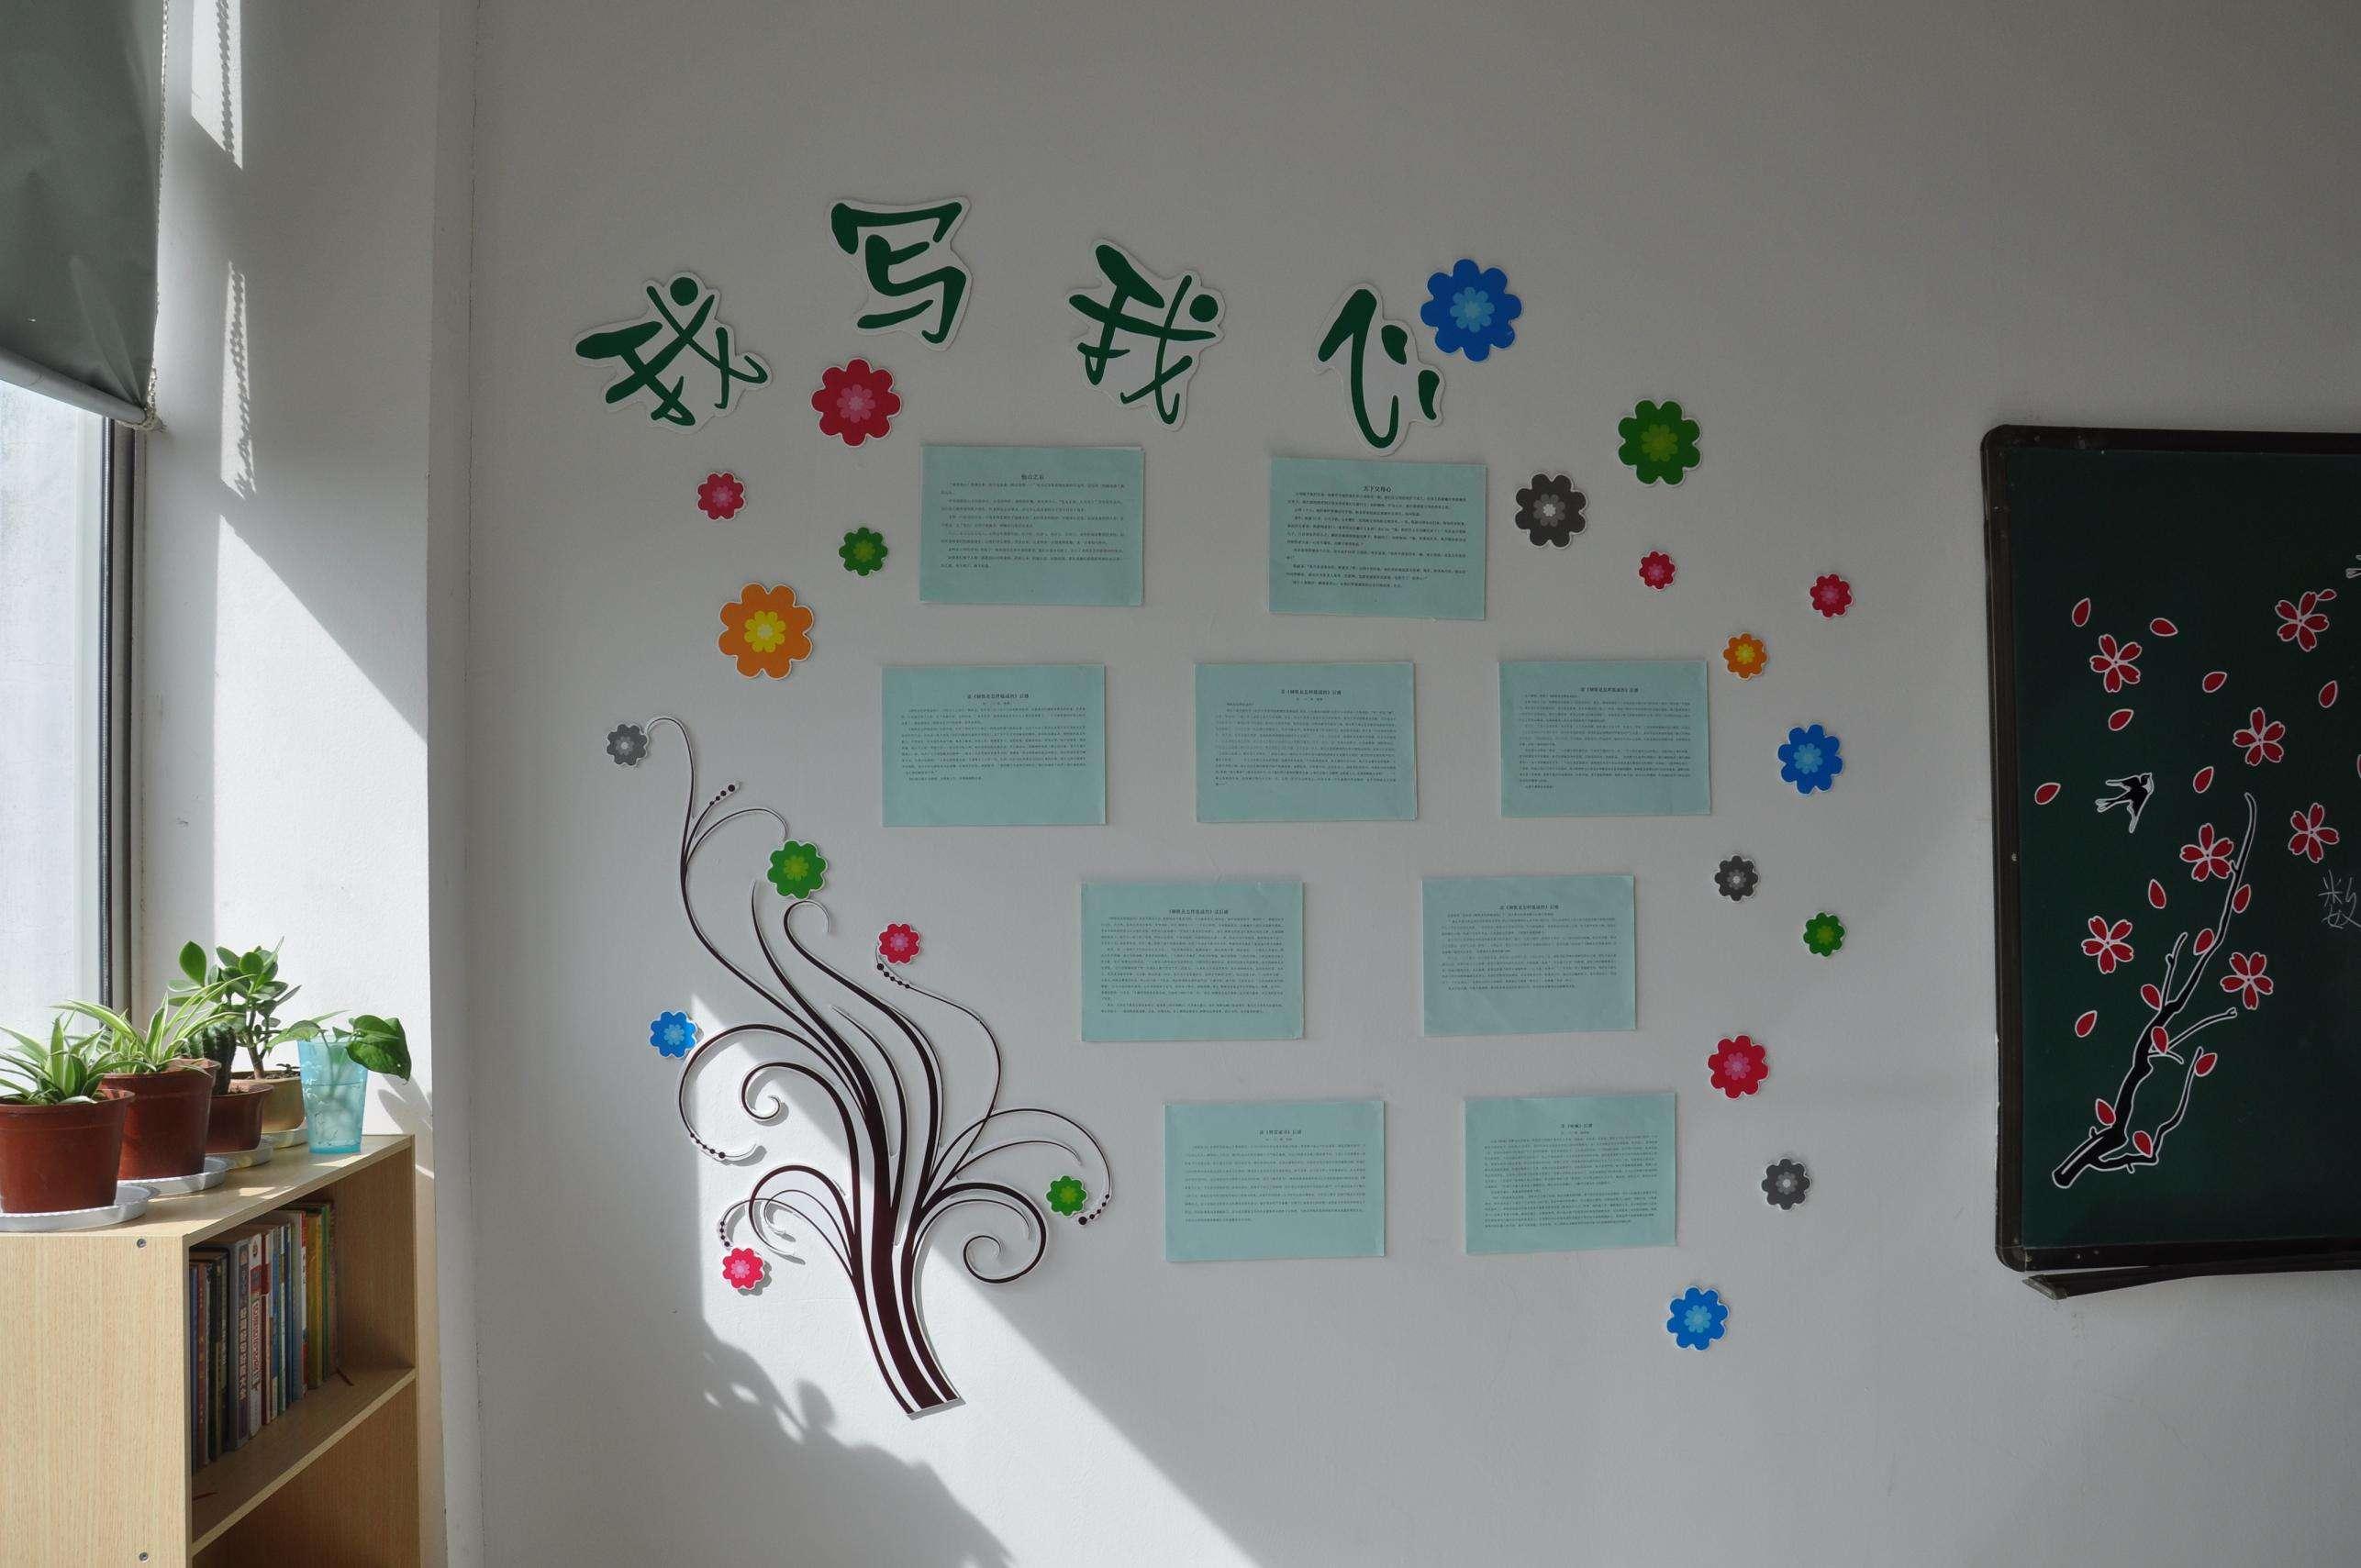 小编推荐:精选高中班级文化墙创意设计图片